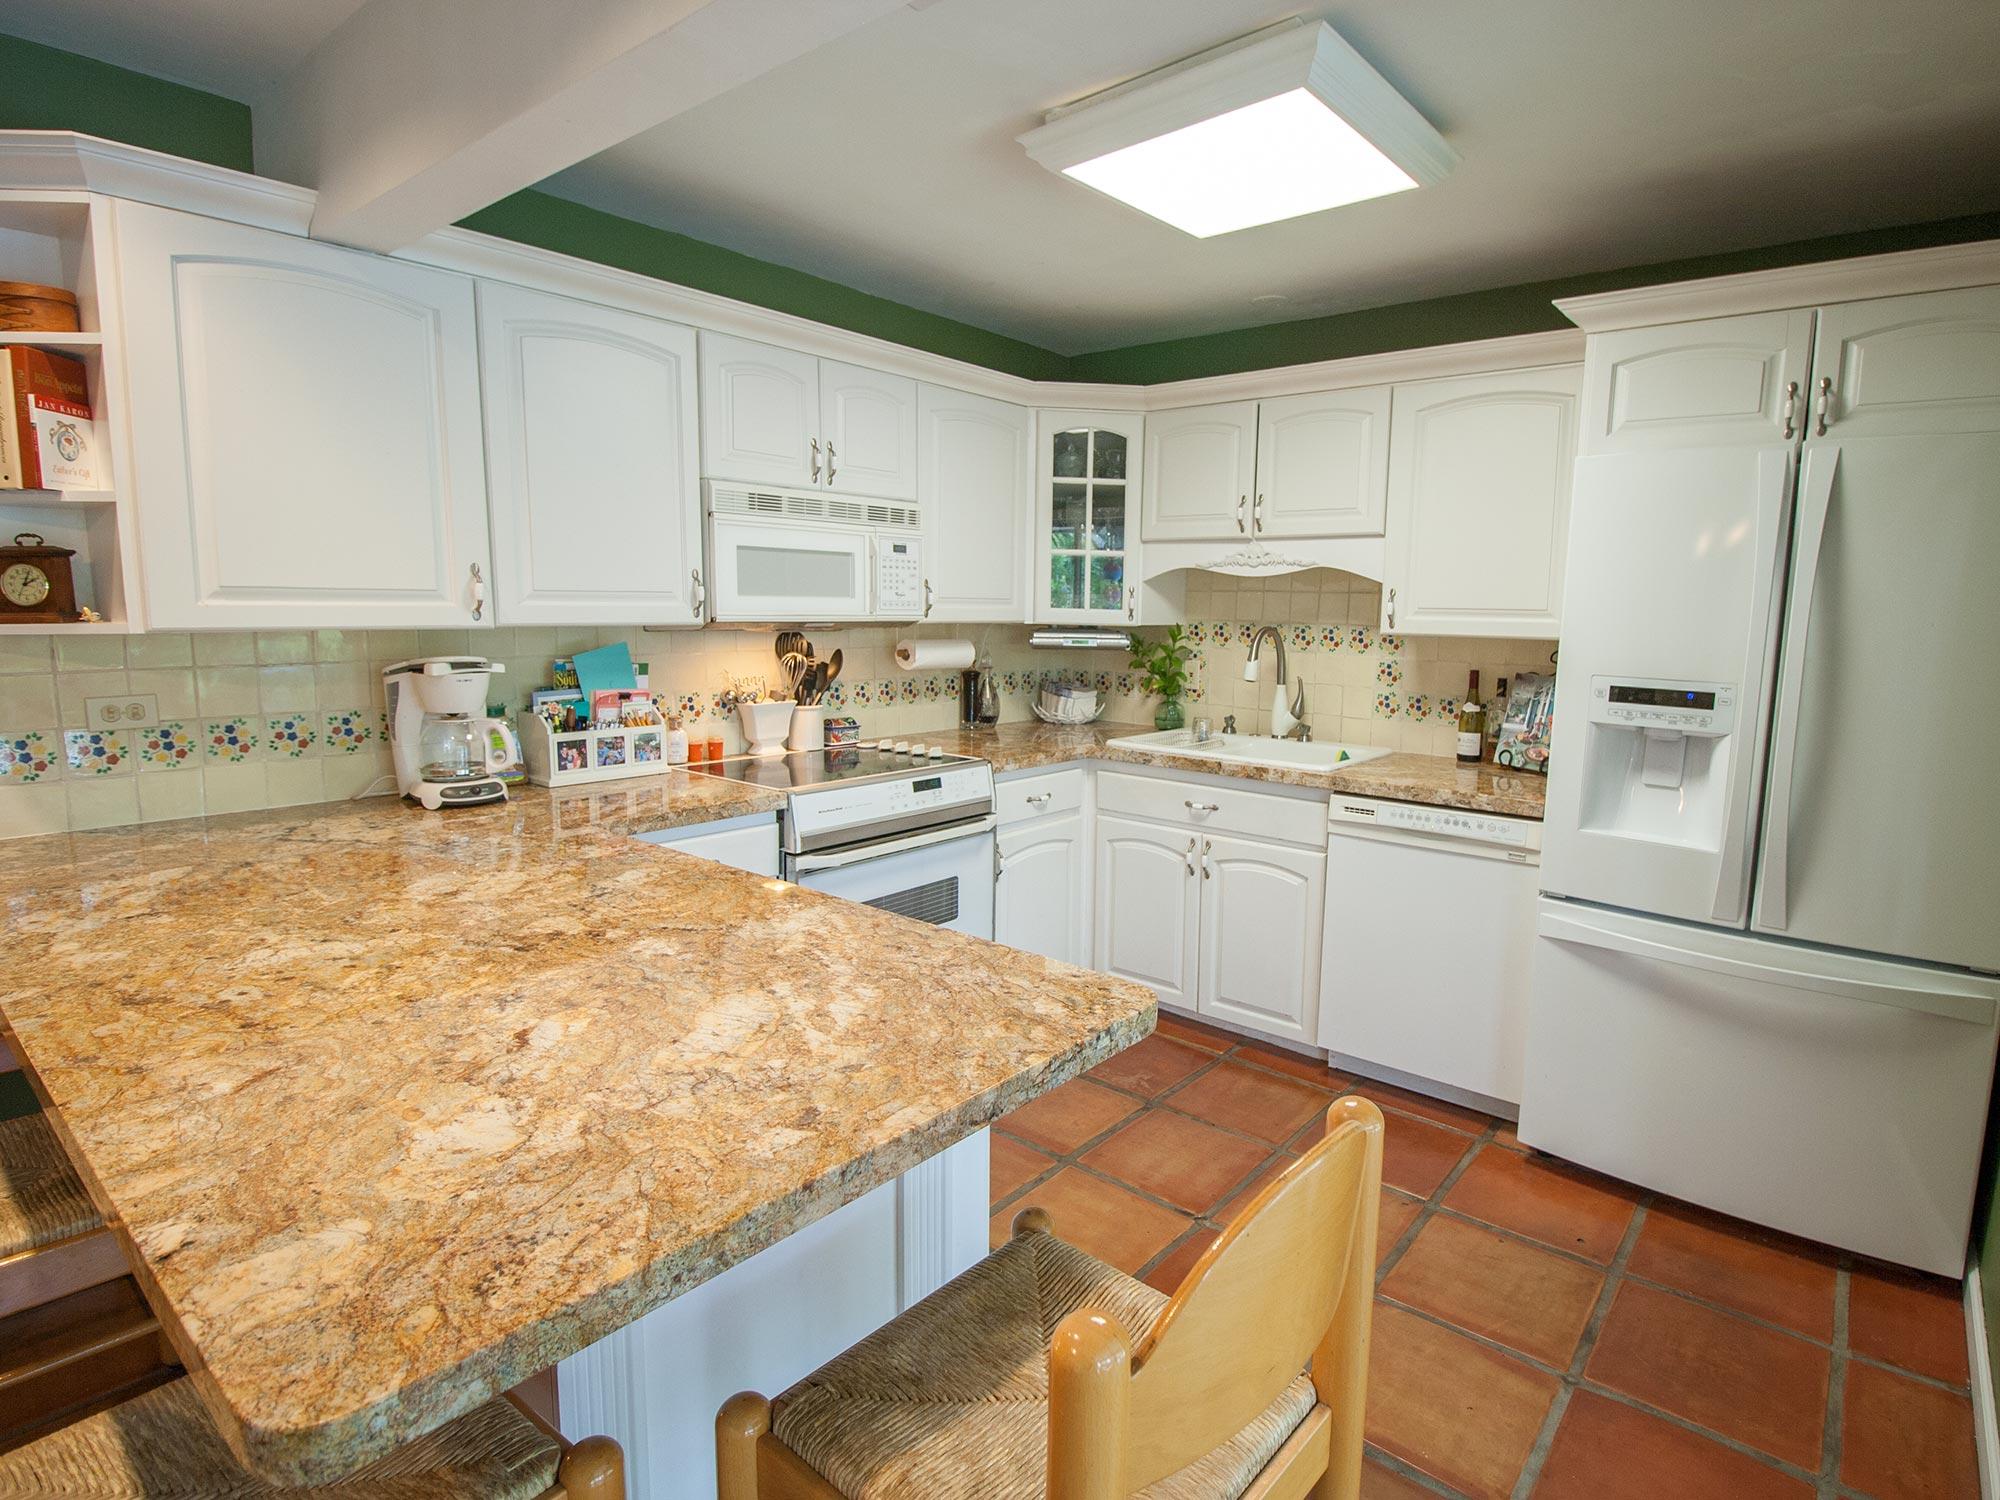 08_KitchenB.jpg